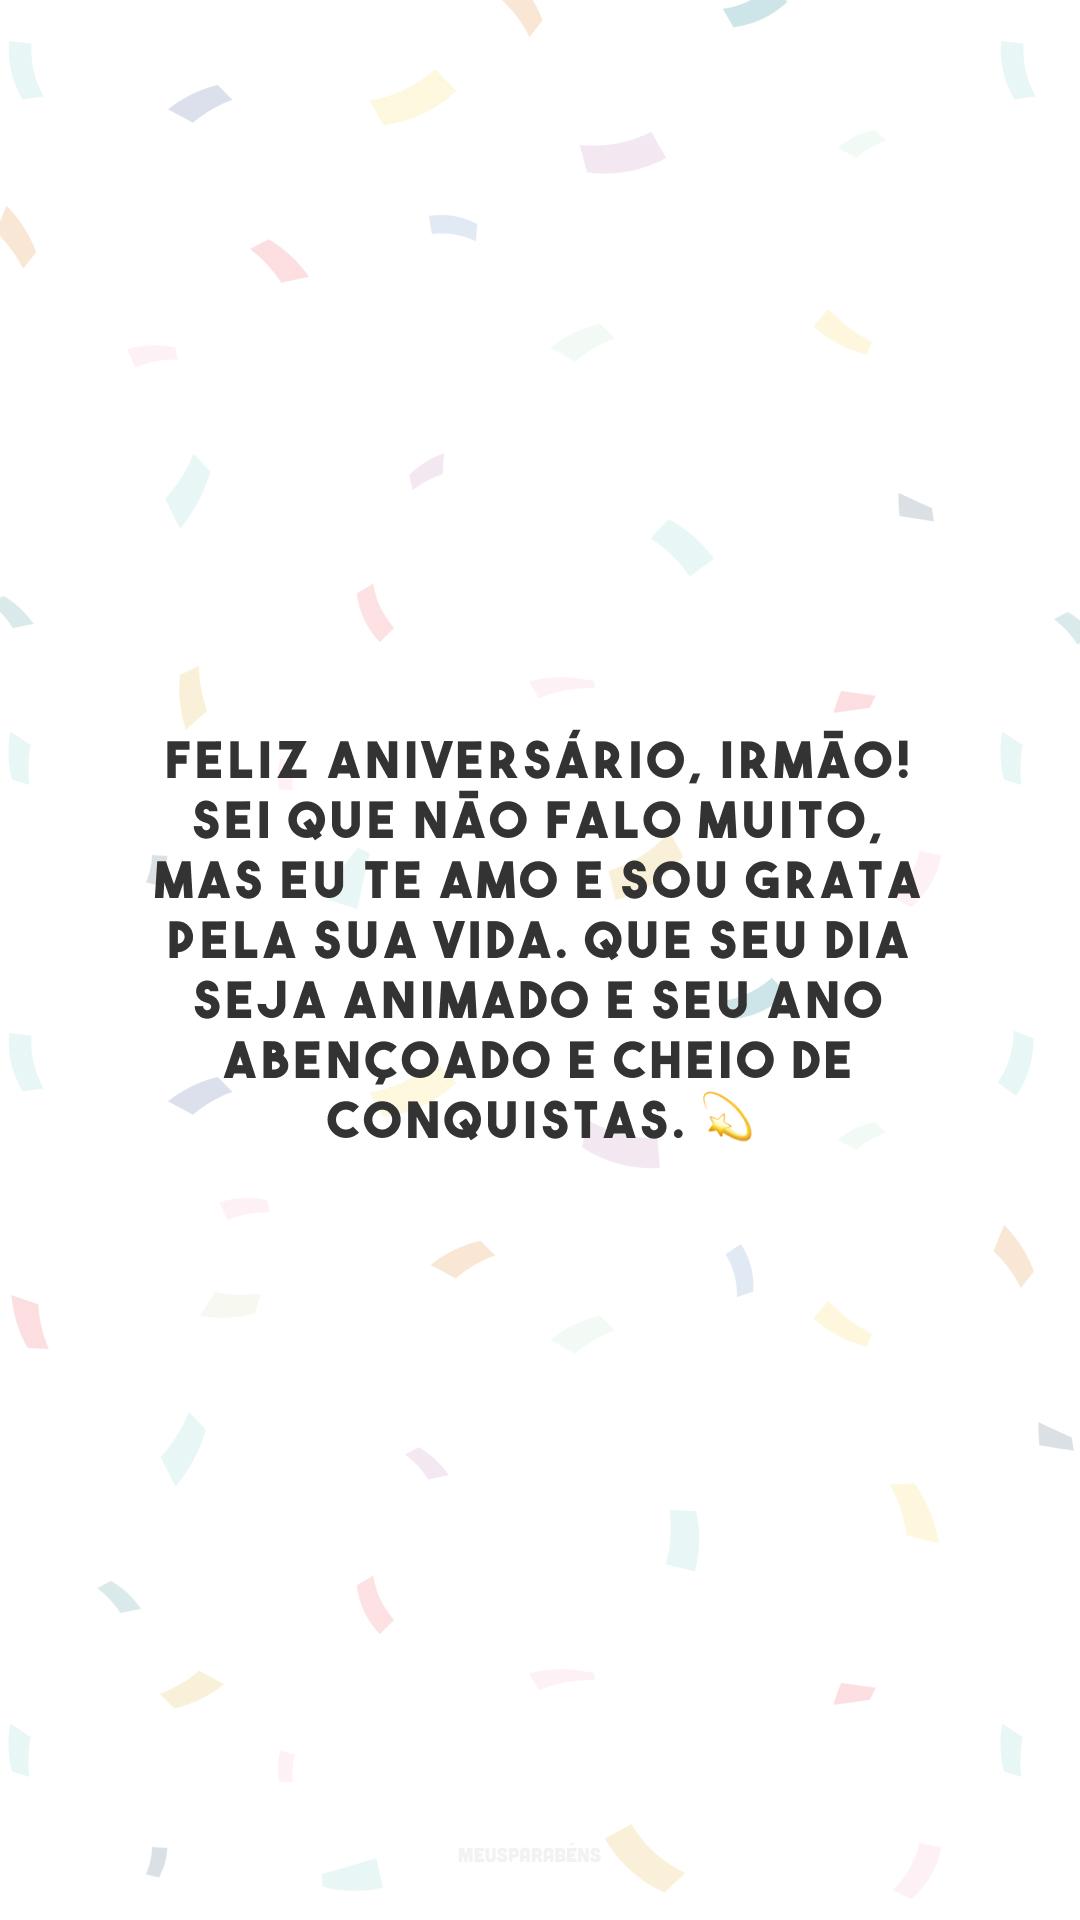 Feliz aniversário, irmão! Sei que não falo muito, mas eu te amo e sou grata pela sua vida. Que seu dia seja animado e seu ano abençoado e cheio de conquistas. 💫